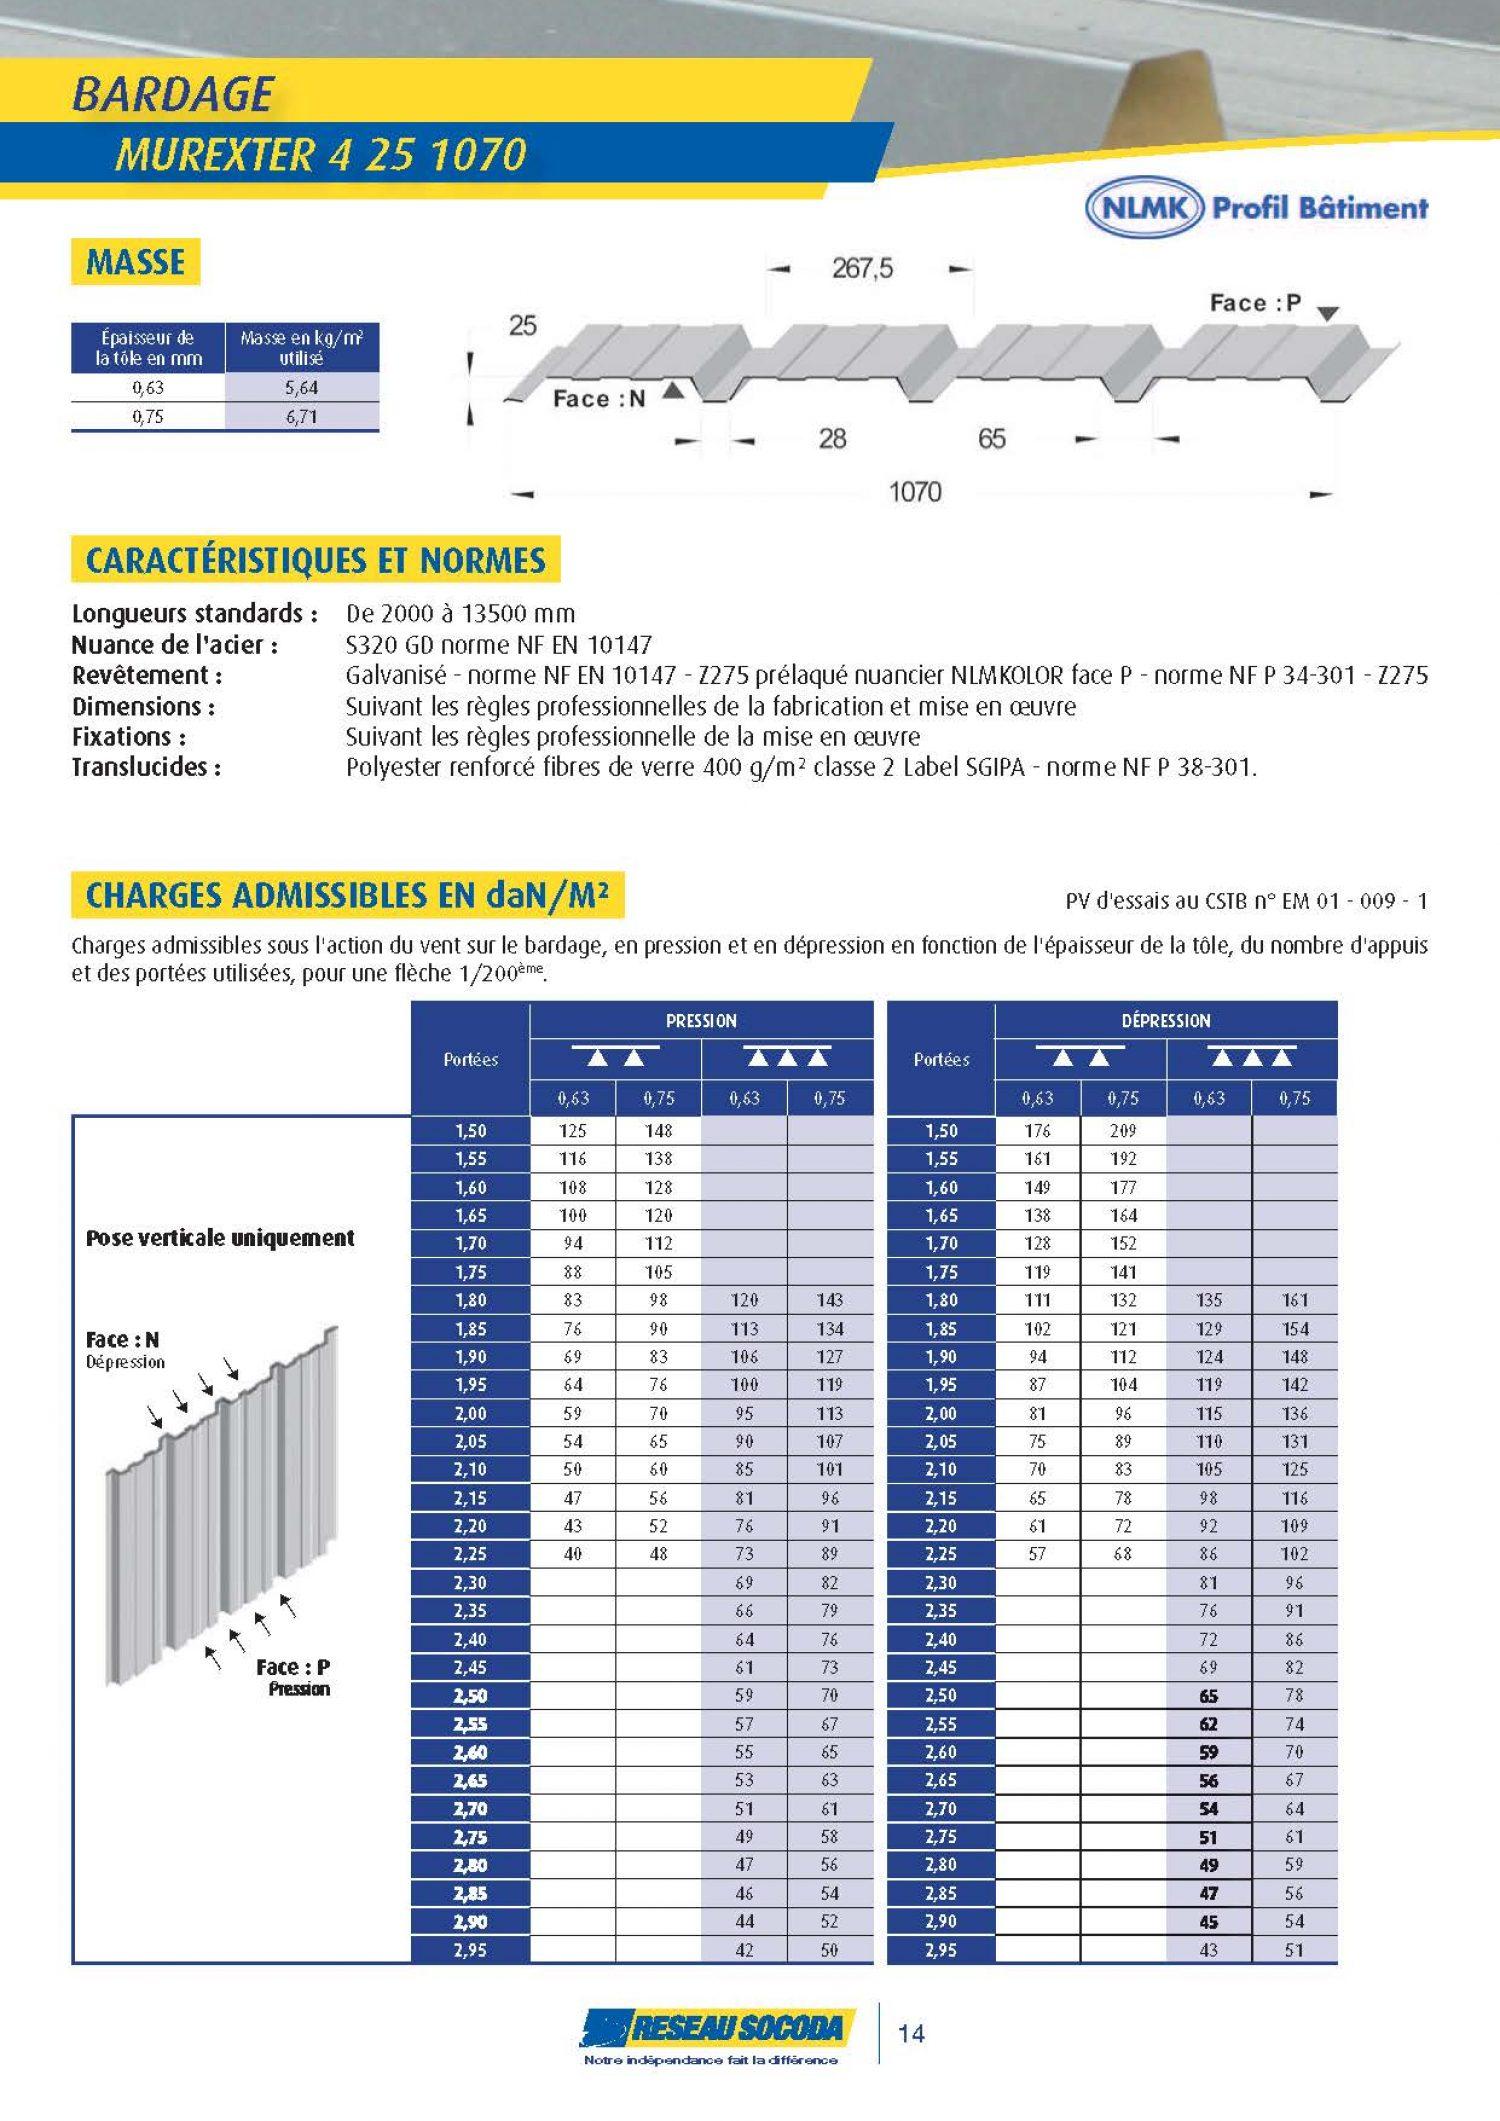 GERMOND_2014 PROFIL BATIMENT_20140324-184231_Page_14